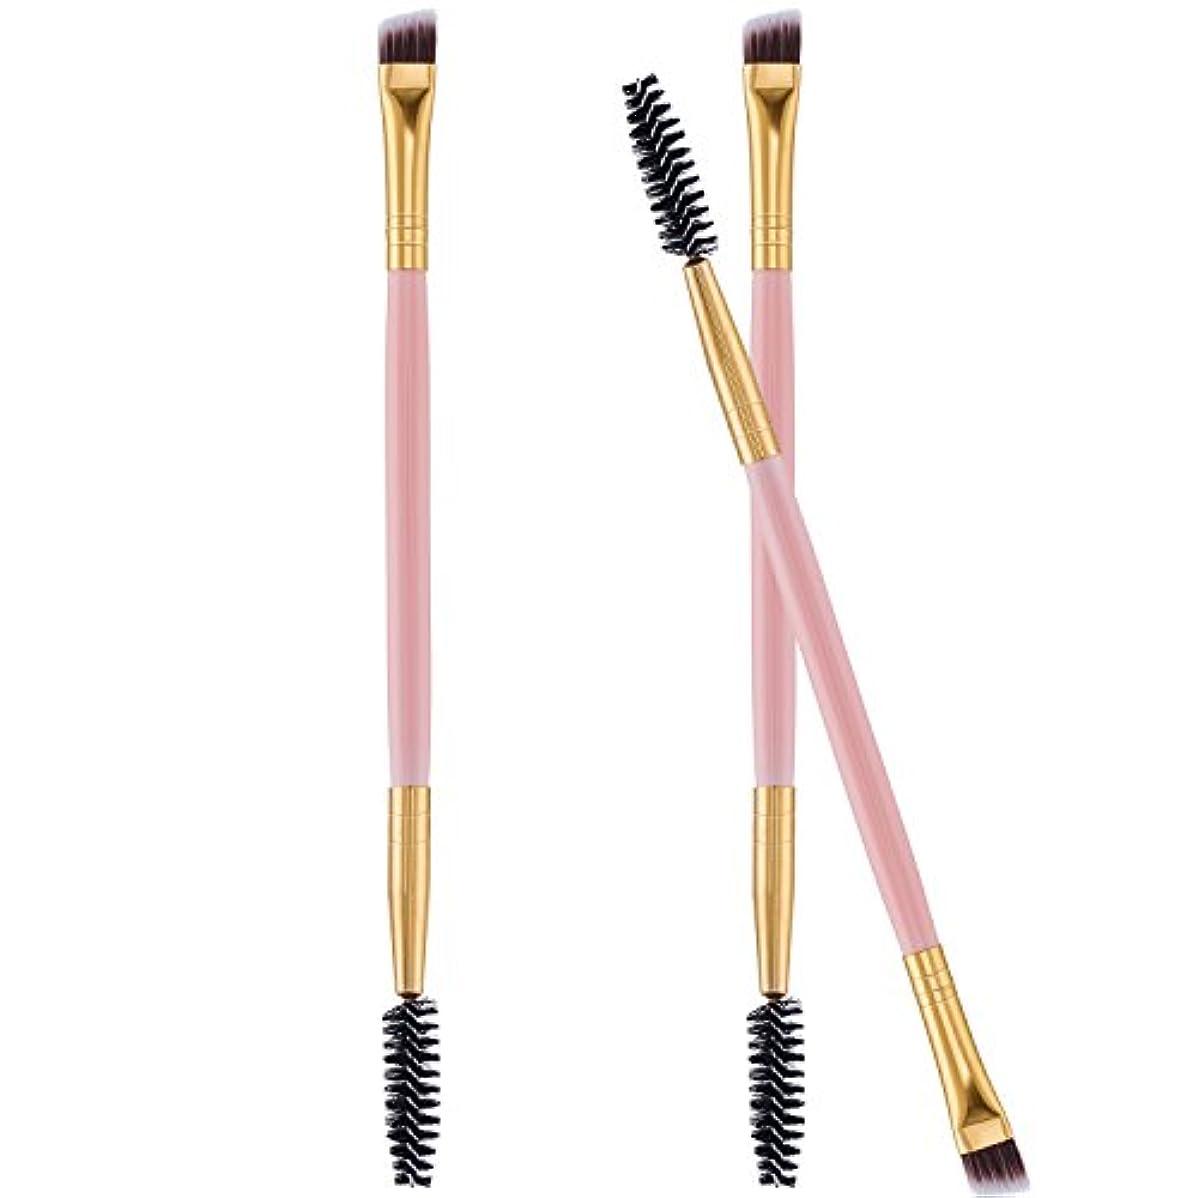 広まったハリケーン解体するFrienda 3パック目ブローブラシ眉毛スプーリダブルブローパウダーワックスゲルとブレンド 適用 アングルや眉毛コームハンドル ピンク